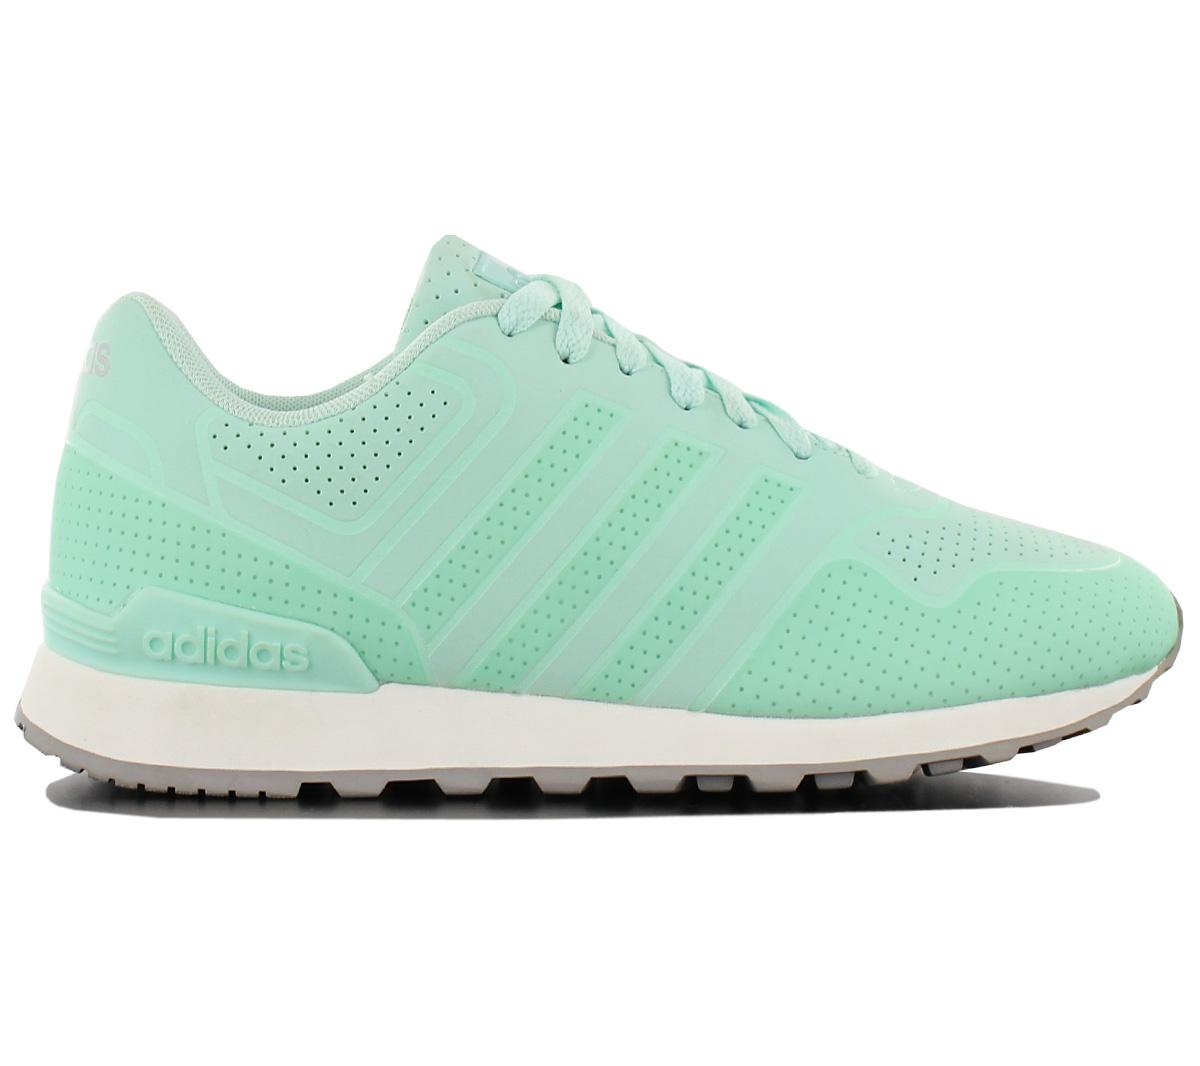 Kleinanzeigen Adidas 10K Schuhe Damen Onyx GrauWeißMatt